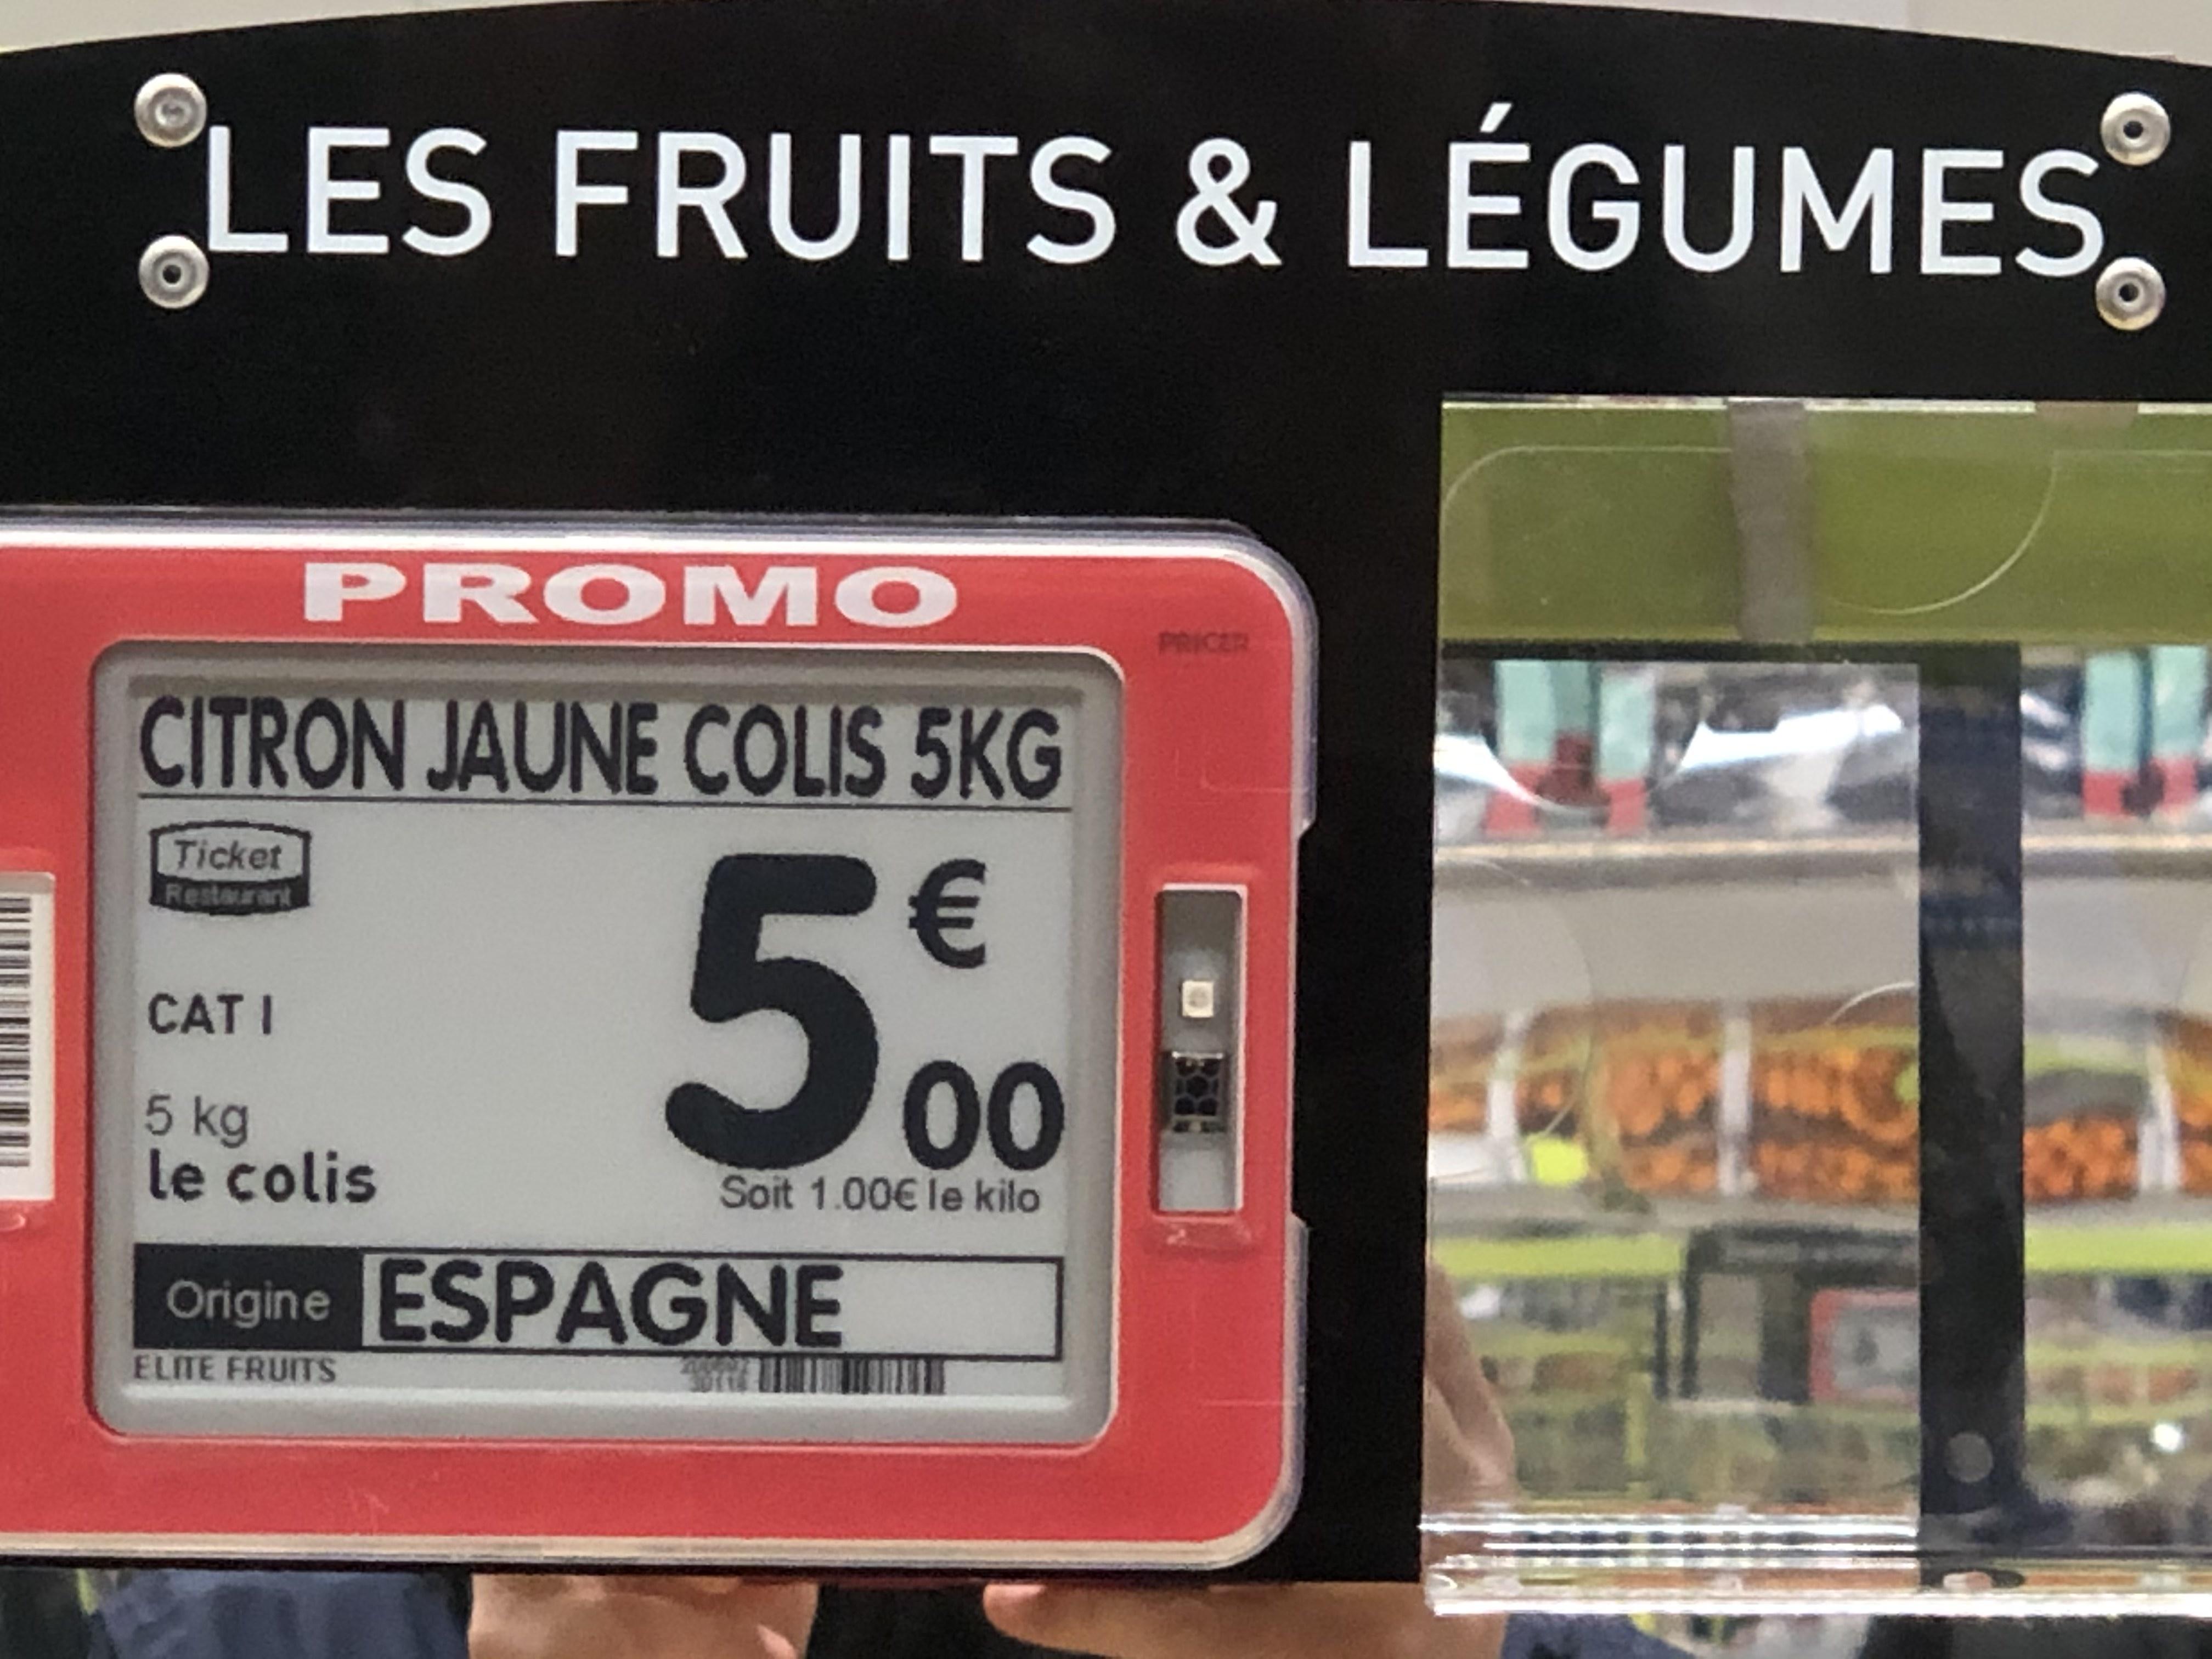 Carton de 5 Kg de Citron Jaune - O' Marché Frais La Courneuve (93)